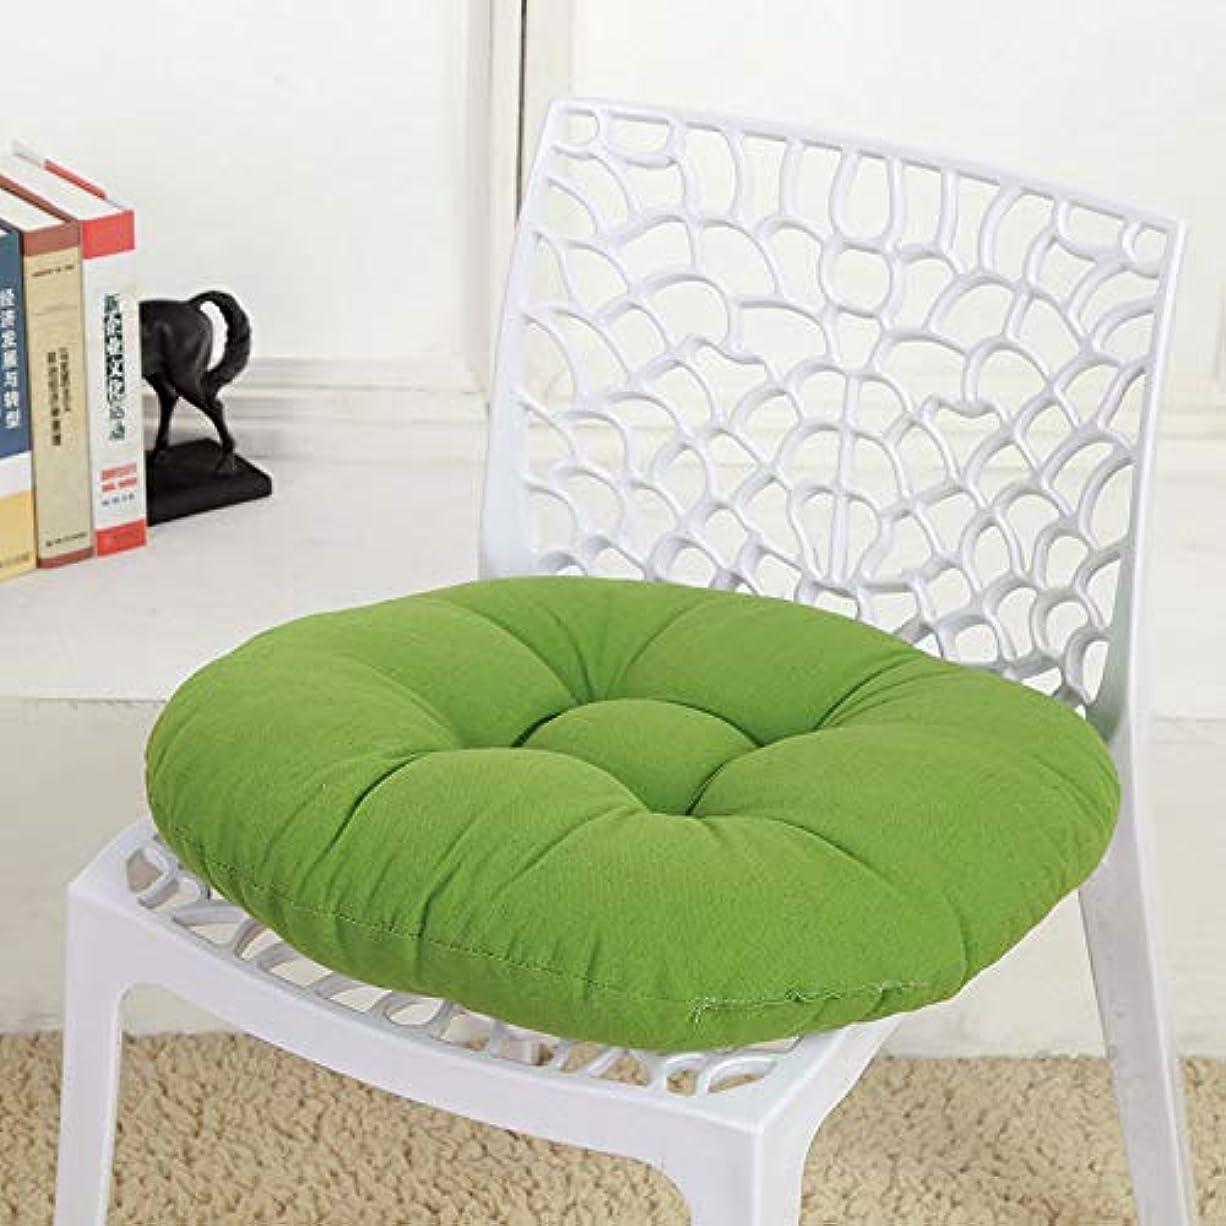 人物ペストリーバックLIFE キャンディカラーのクッションラウンドシートクッション波ウィンドウシートクッションクッション家の装飾パッドラウンド枕シート枕椅子座る枕 クッション 椅子